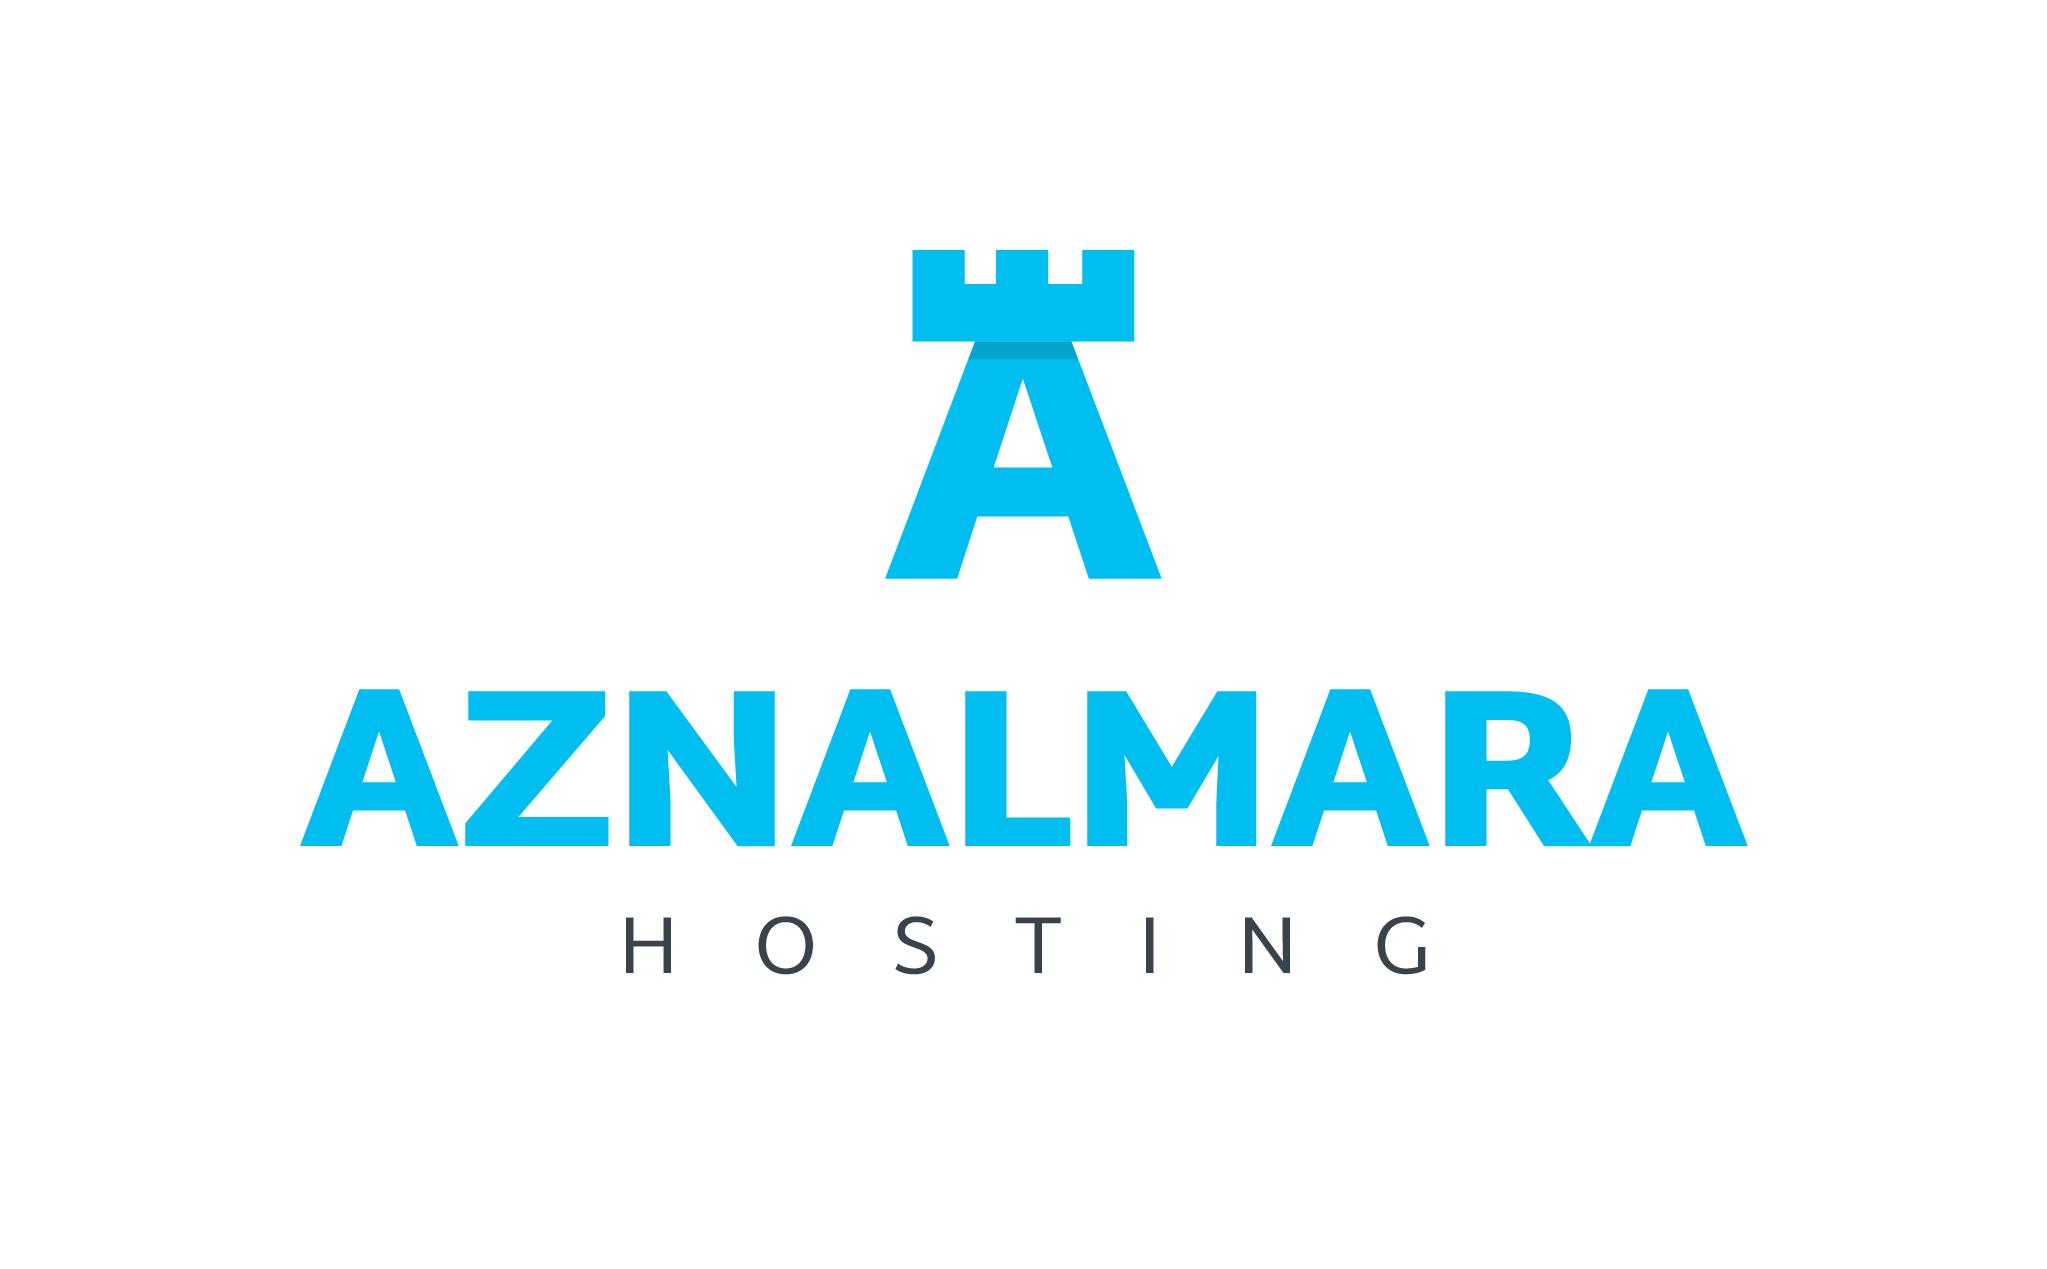 LOGO_VERTICAL_AZNALMARA®_HOSTING_AZUL_FONDO_BLANCO